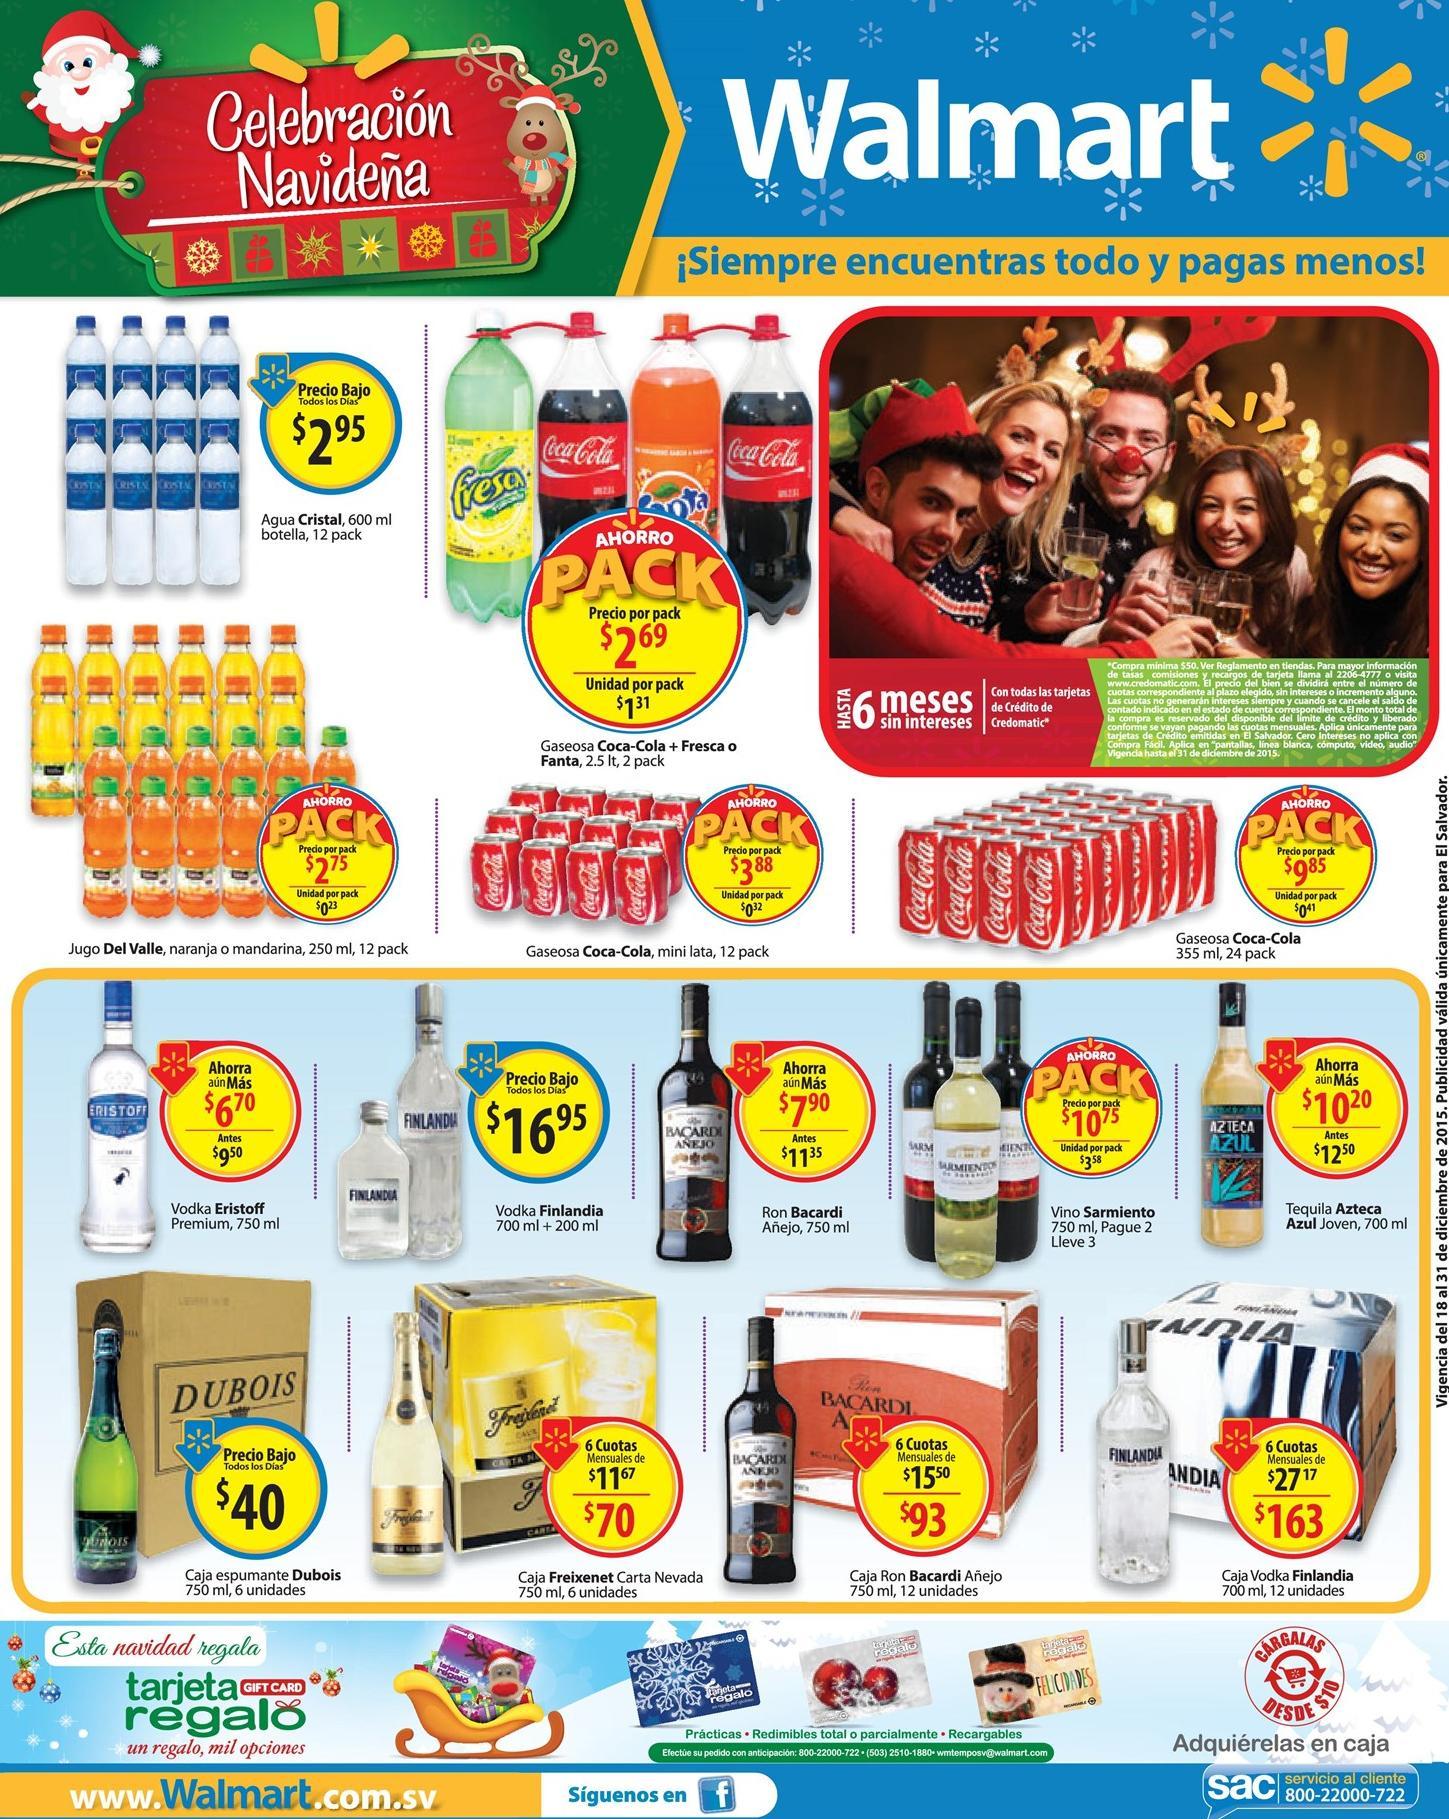 WALMART precios bajos en vinos cervezas jugos gaseosas - 18dic15